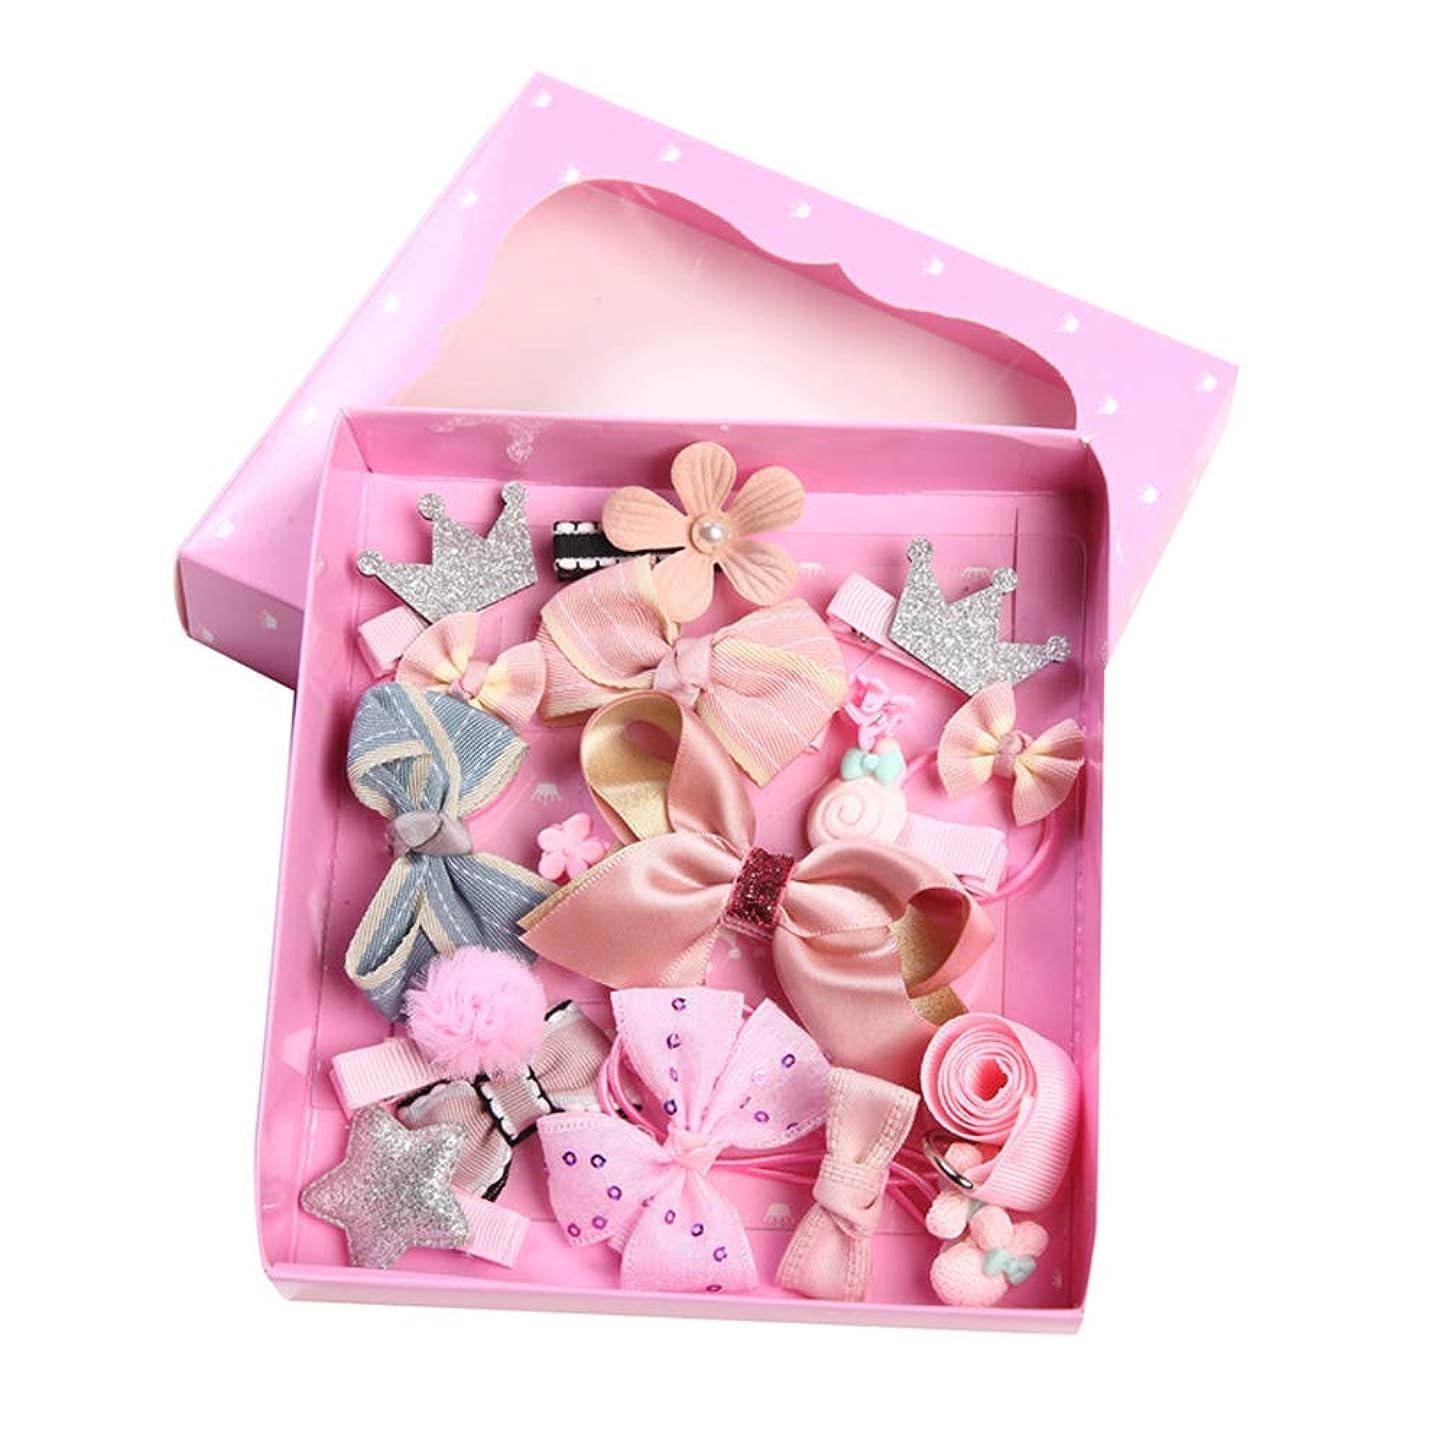 ボーカル市町村恐ろしいgoupgolboll-18個/セットキッズガールちょう結びクラウンフラワーポンポンヘアピンクリップヘアロープ帽子 - ピンク